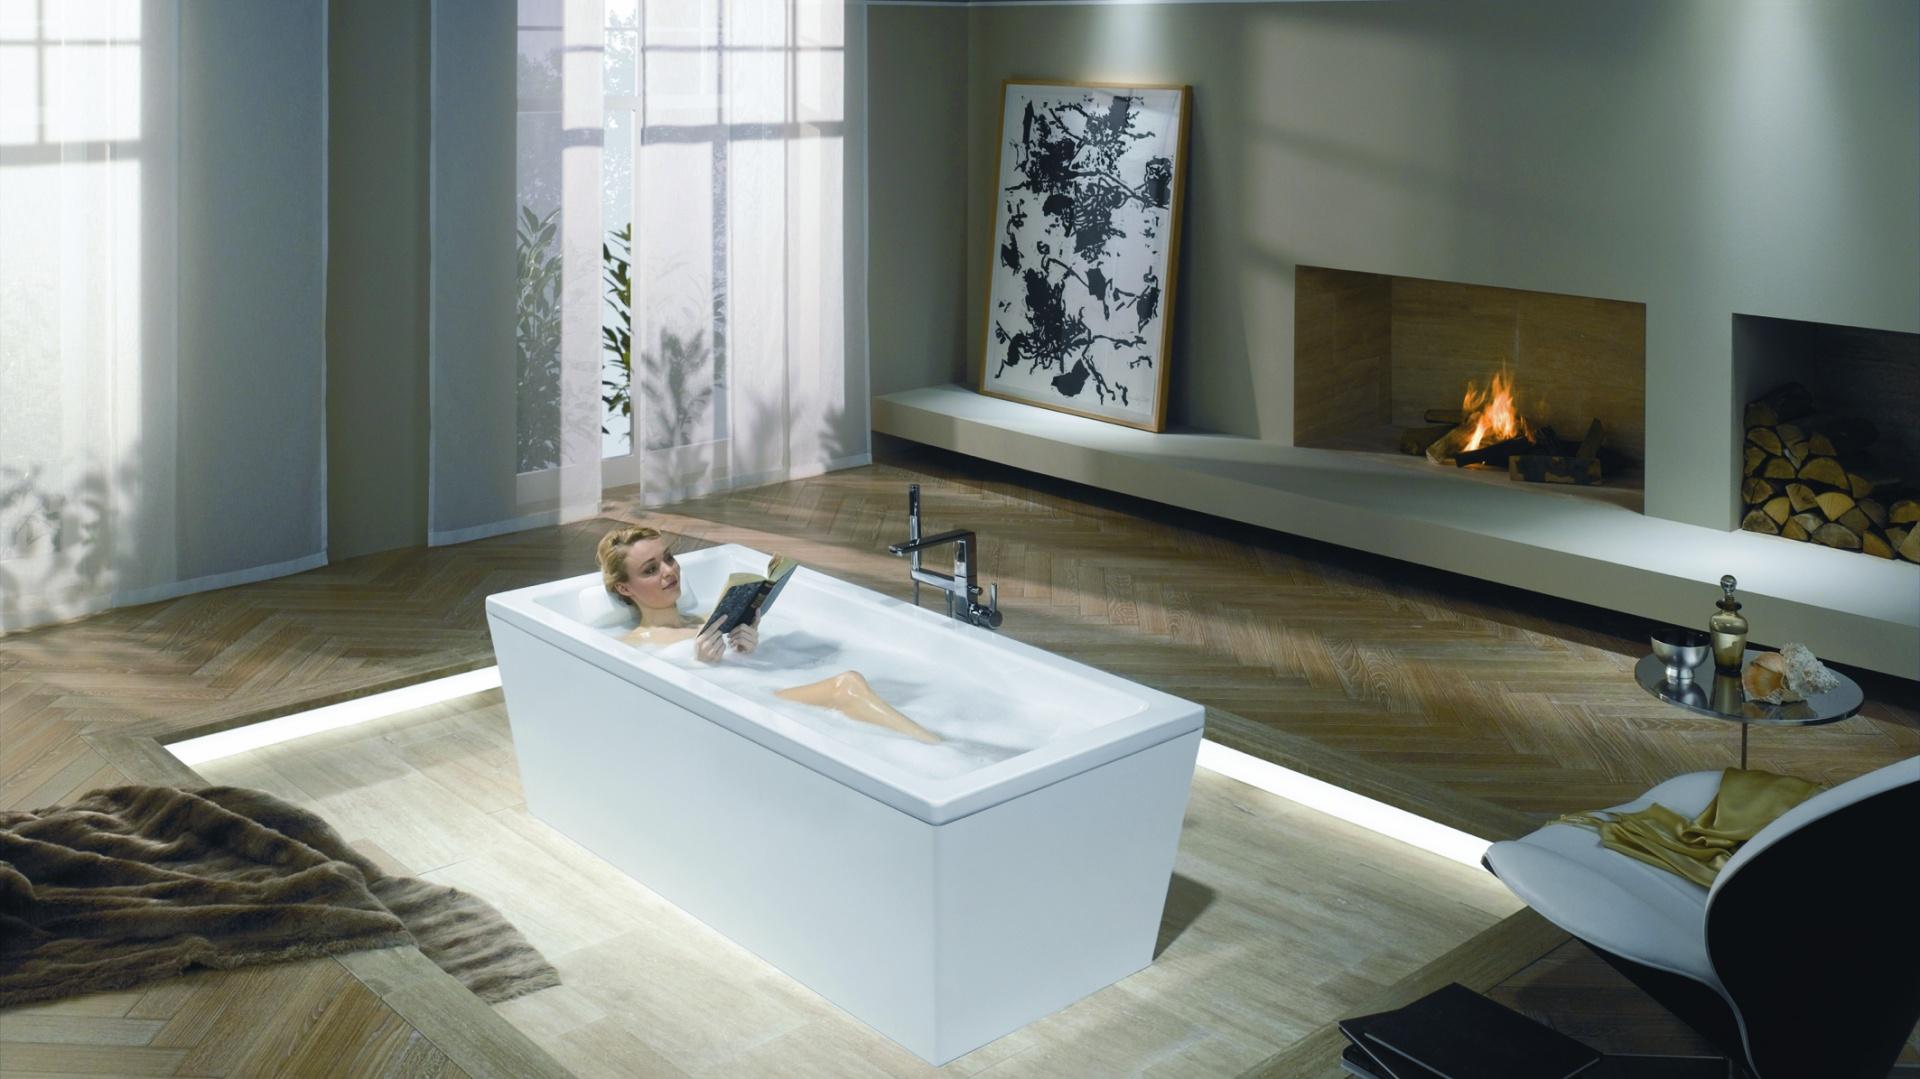 Z systemem nagłośnienia, dzięki czemu można w kąpieli słuchać muzyki - wanna wolno stojąca Sound Wave firmy Kaldewei. Fot. Kaldewei.